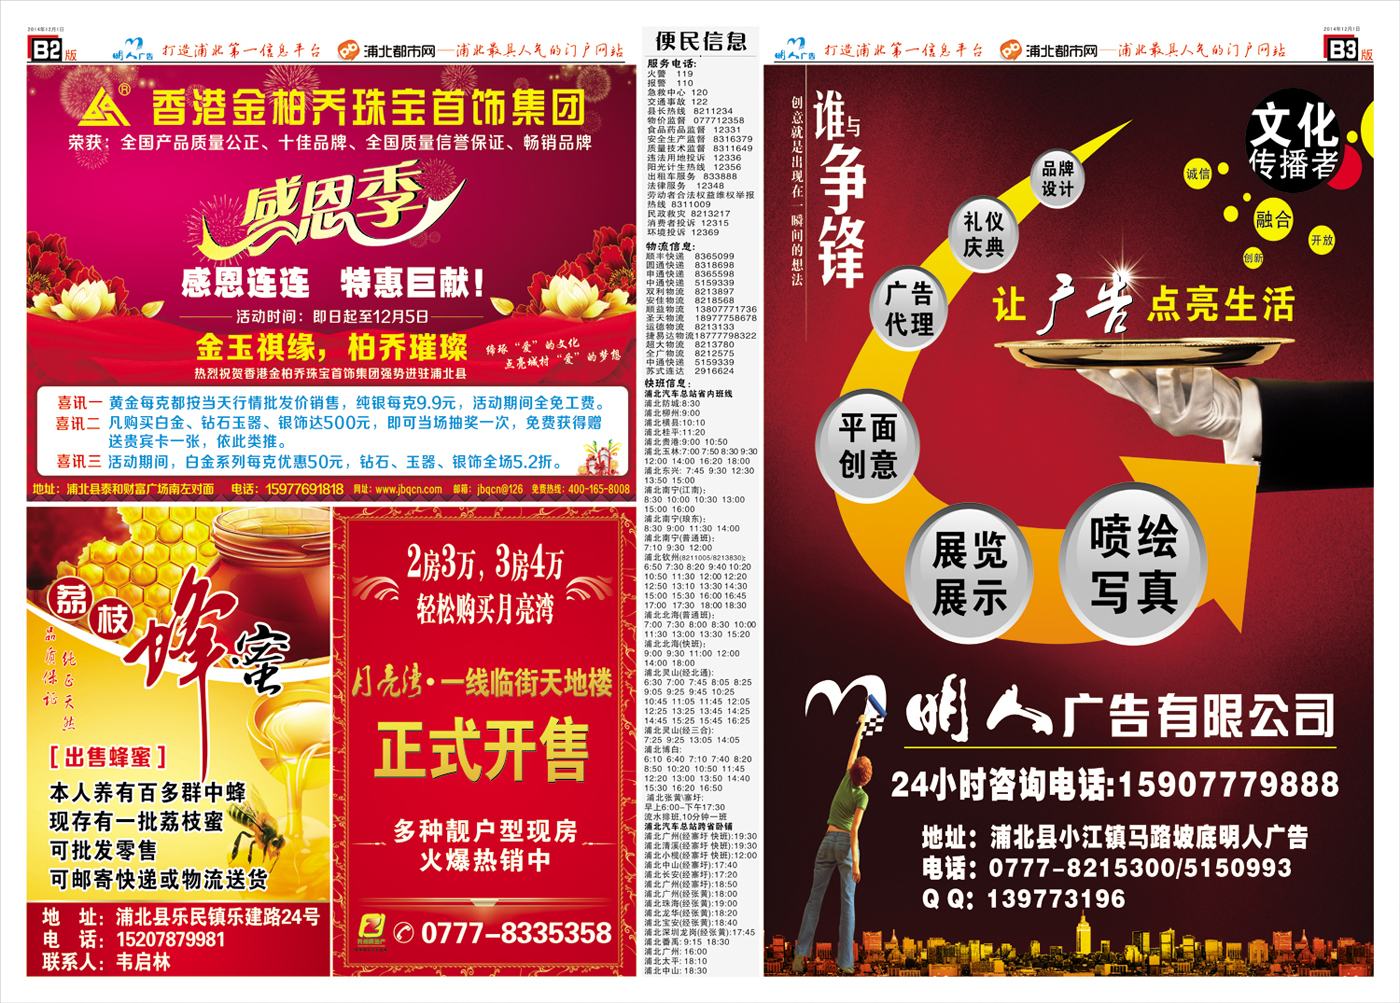 明人广告DM 2014第九期